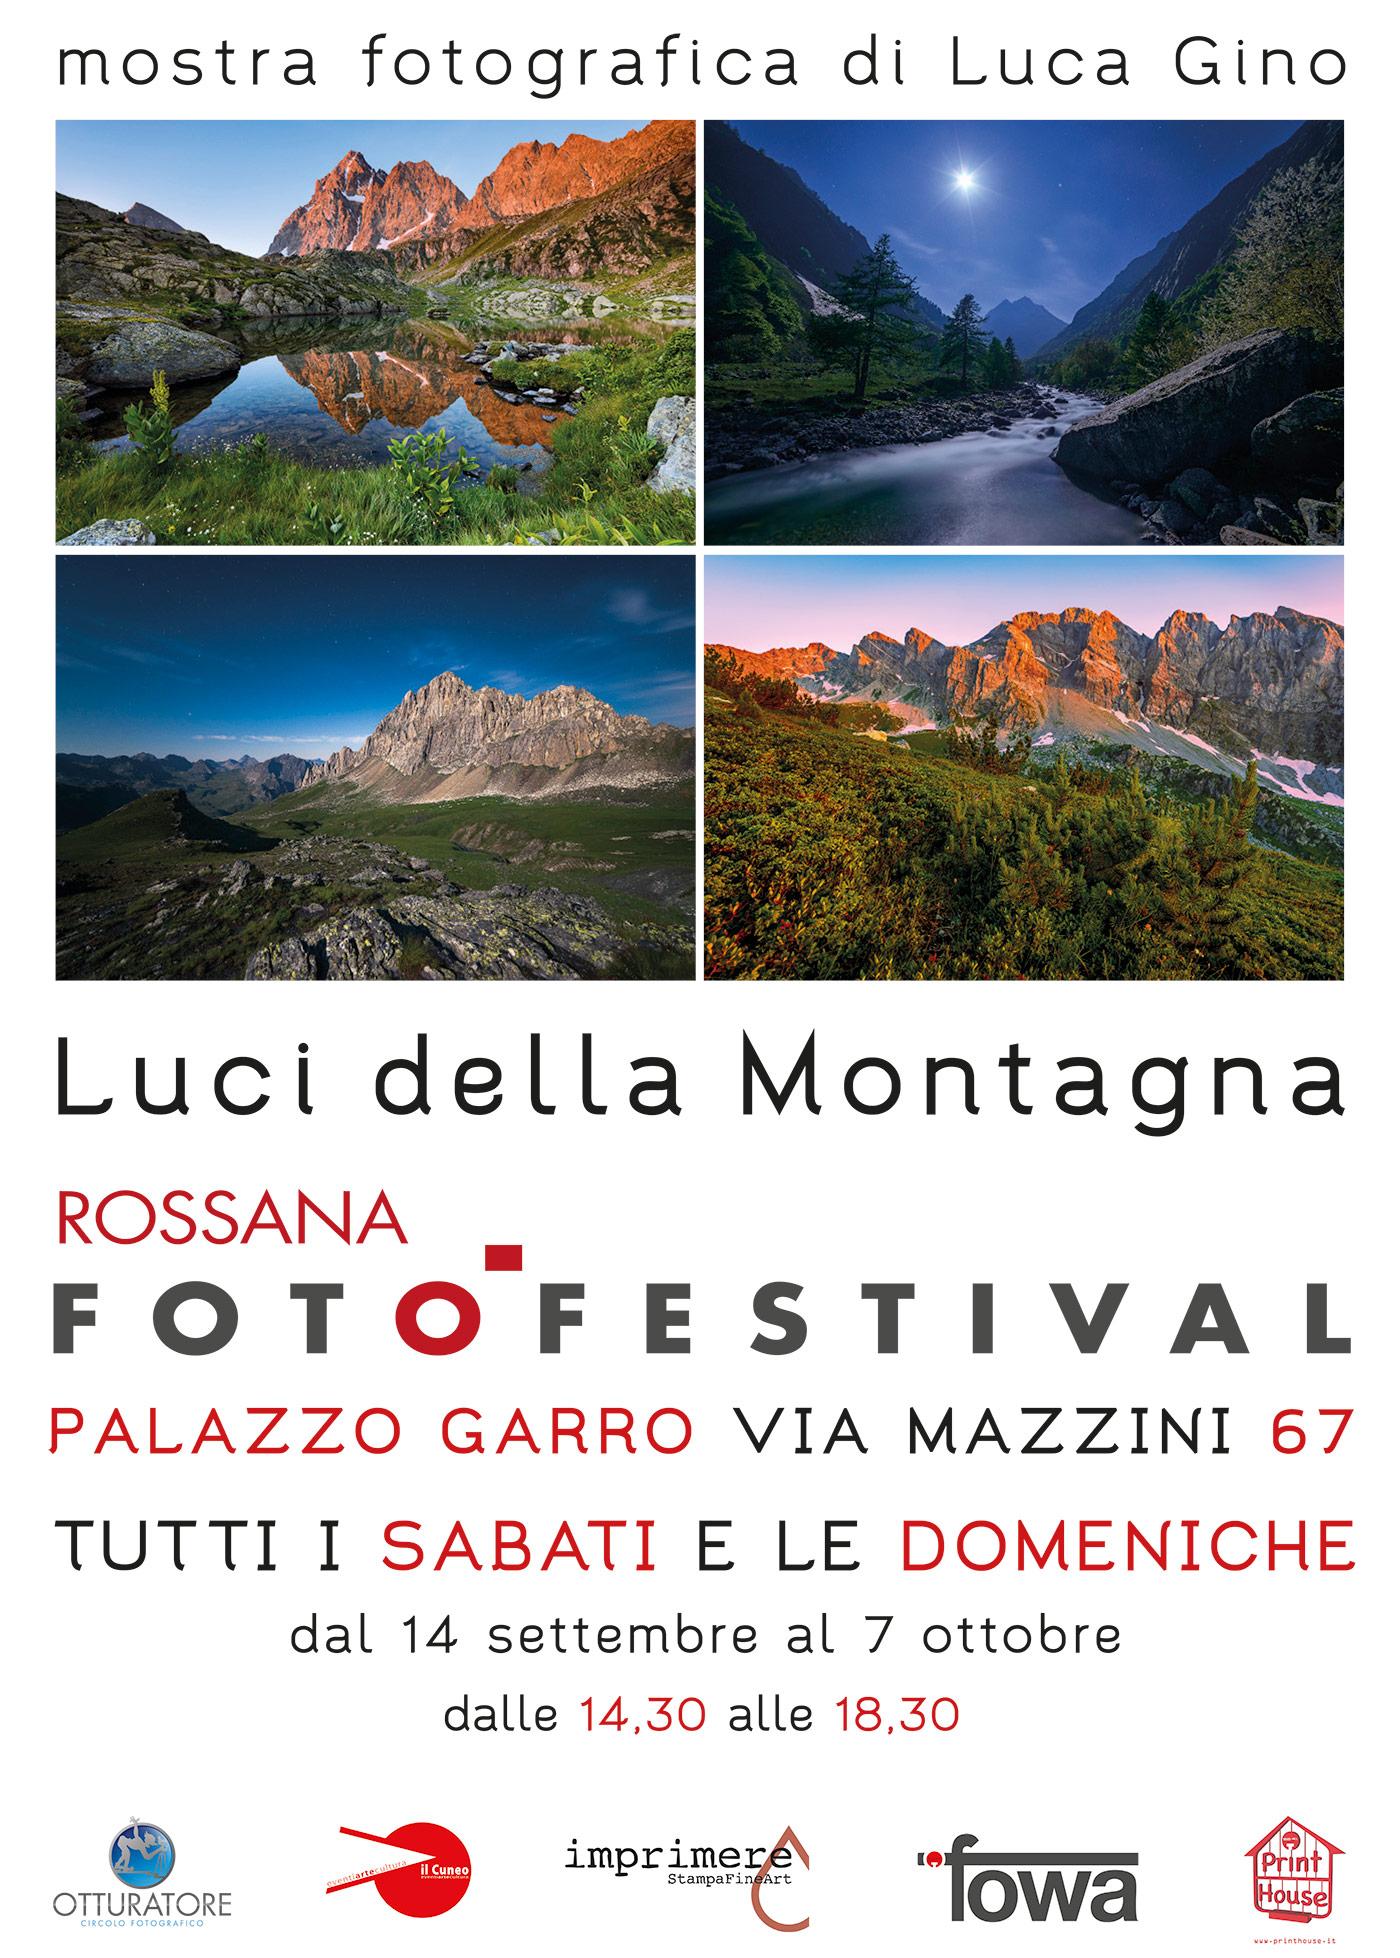 La Mostra Fotografica dedicata al paesaggio delle Alpi Cuneesi a Rossana